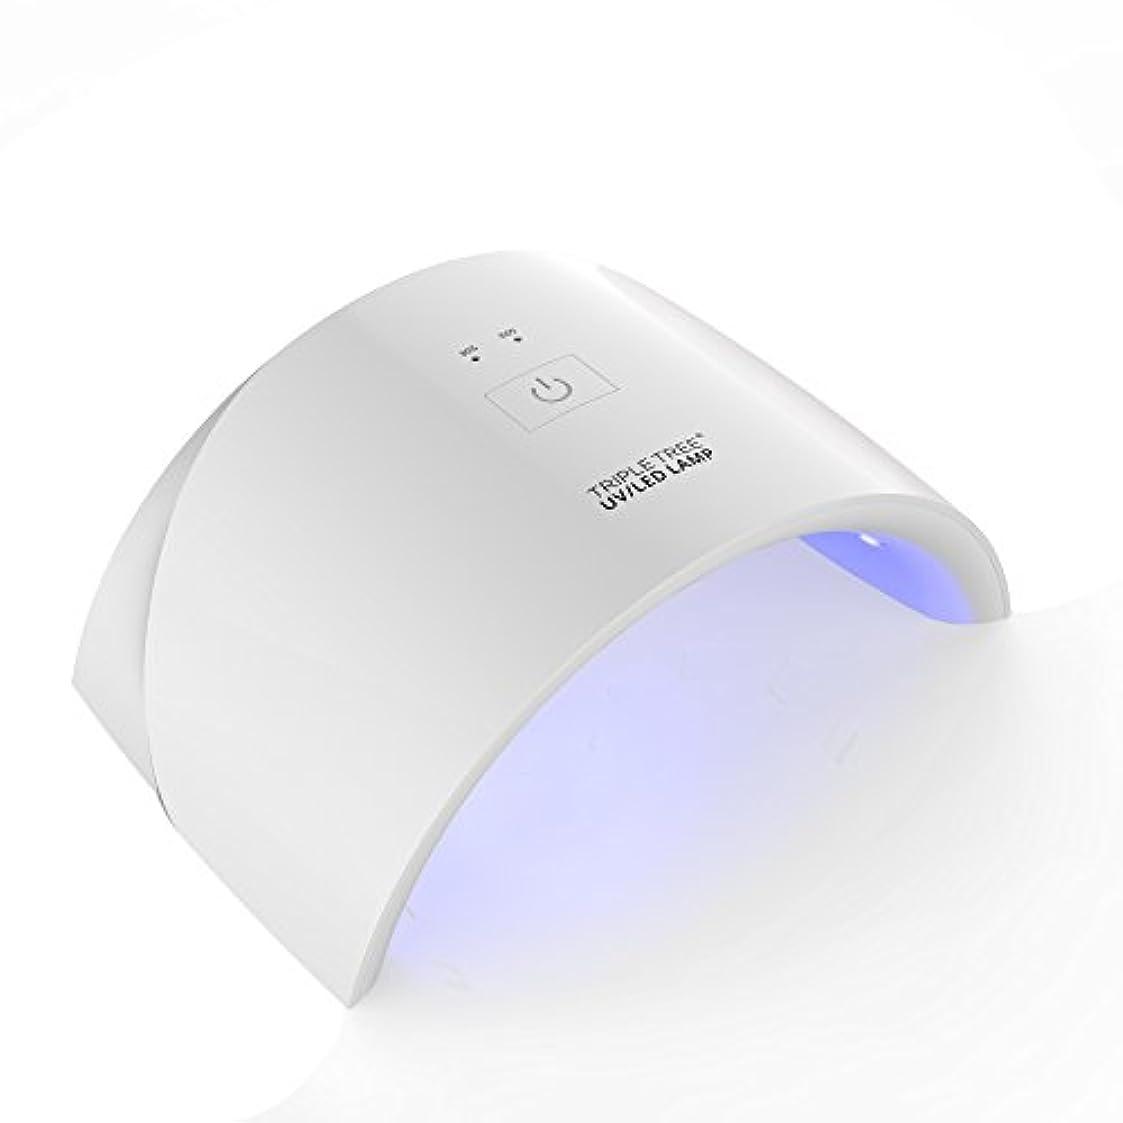 献身請う麻痺LED ネイルドライヤー ネイルらいと 硬化用UVライト UVライト LEDライト マニキュア用 タイマー機能 自動センサー機能 レジンにも便利 (36w)